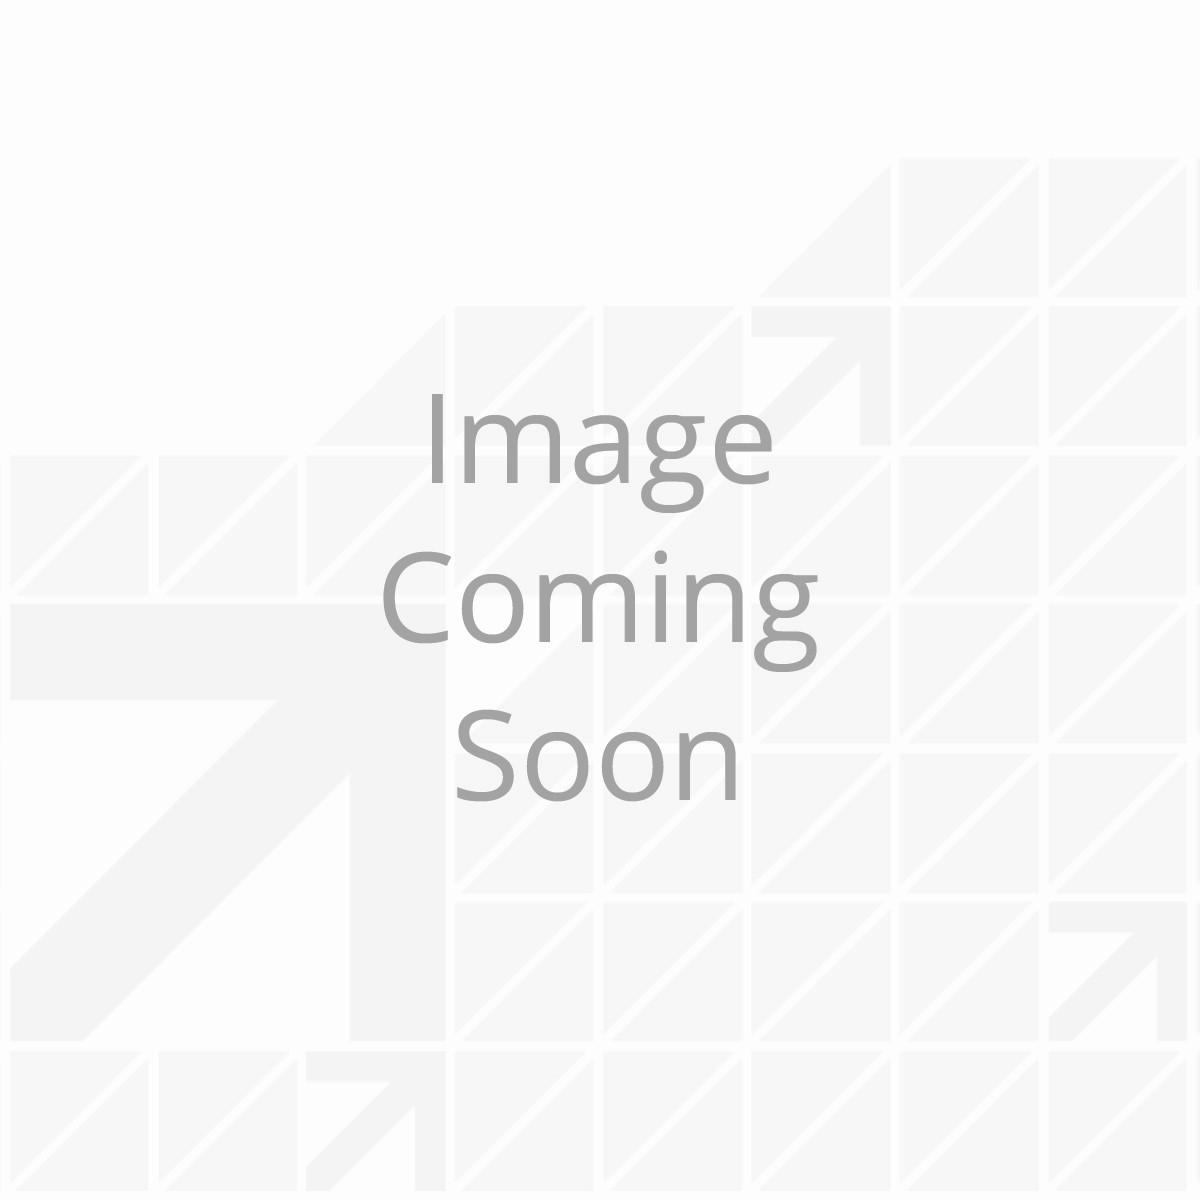 Nike Range Sweater Hoodie - Black